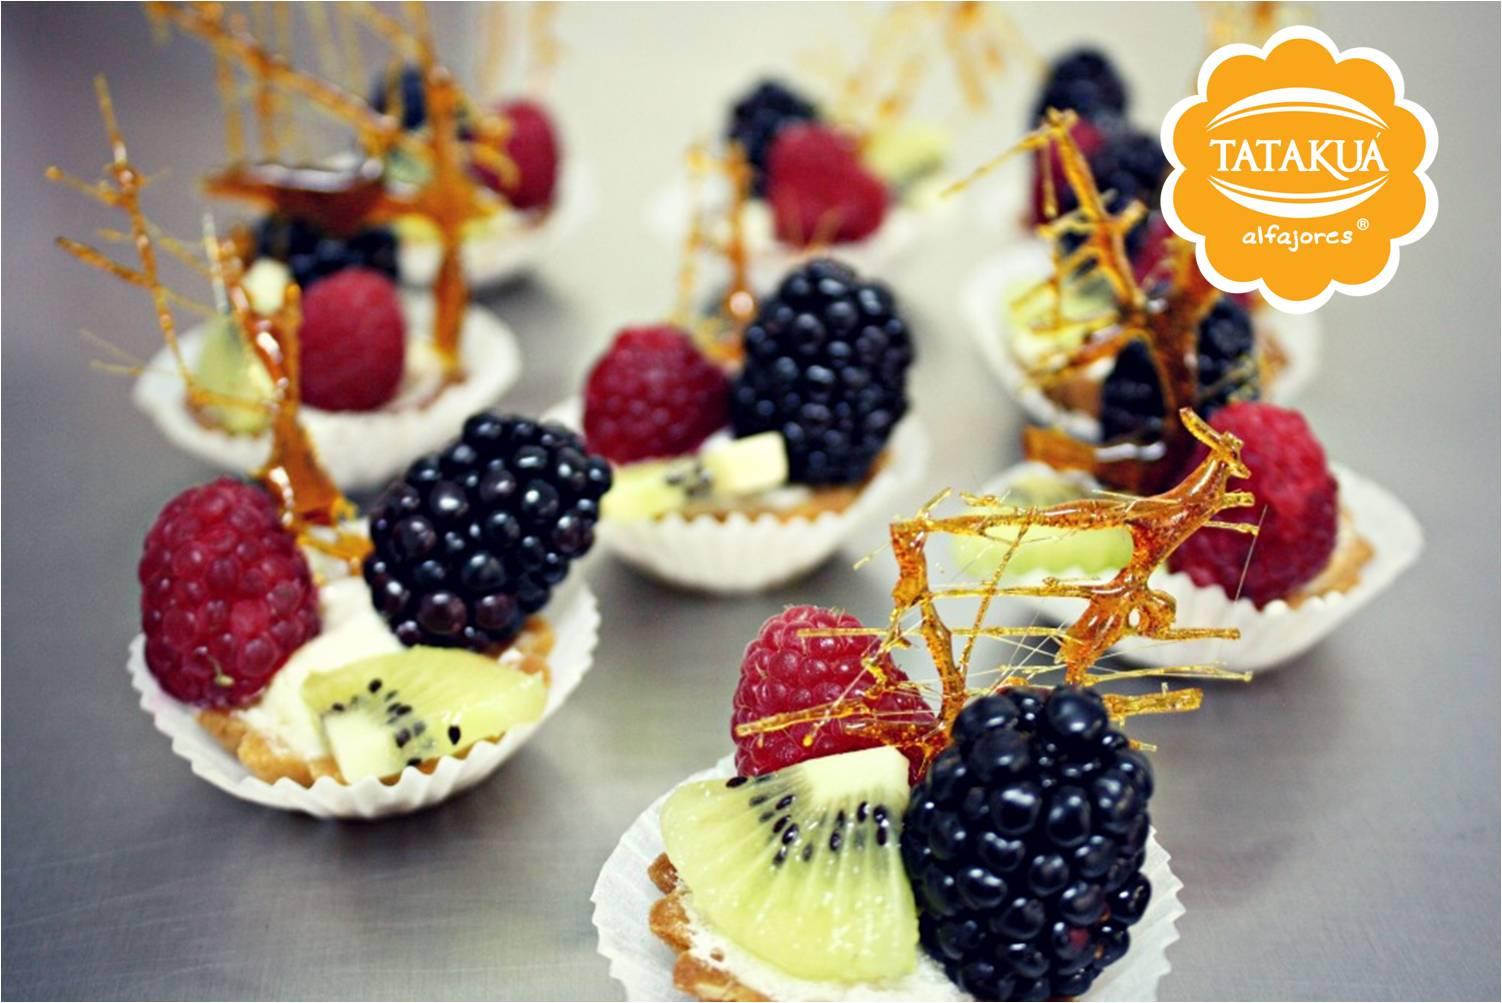 Recuerdos bodas tataku alfajores for Mesas de dulces para bodas precios